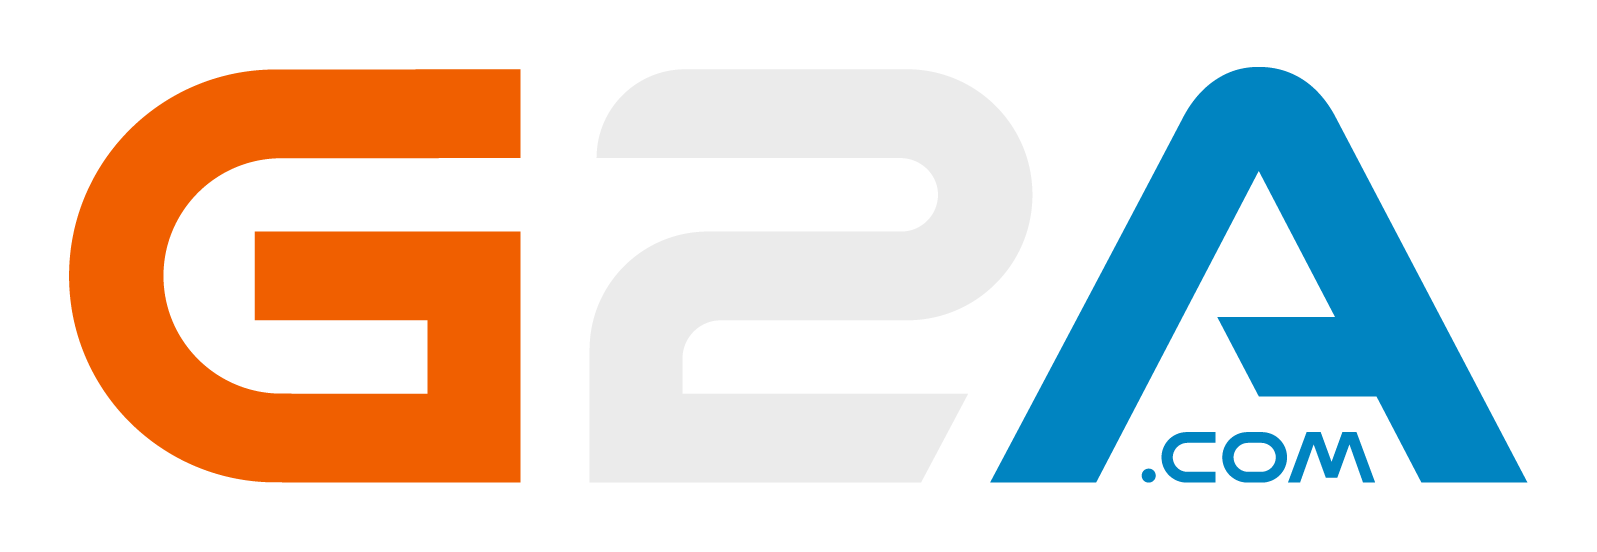 G2A.com